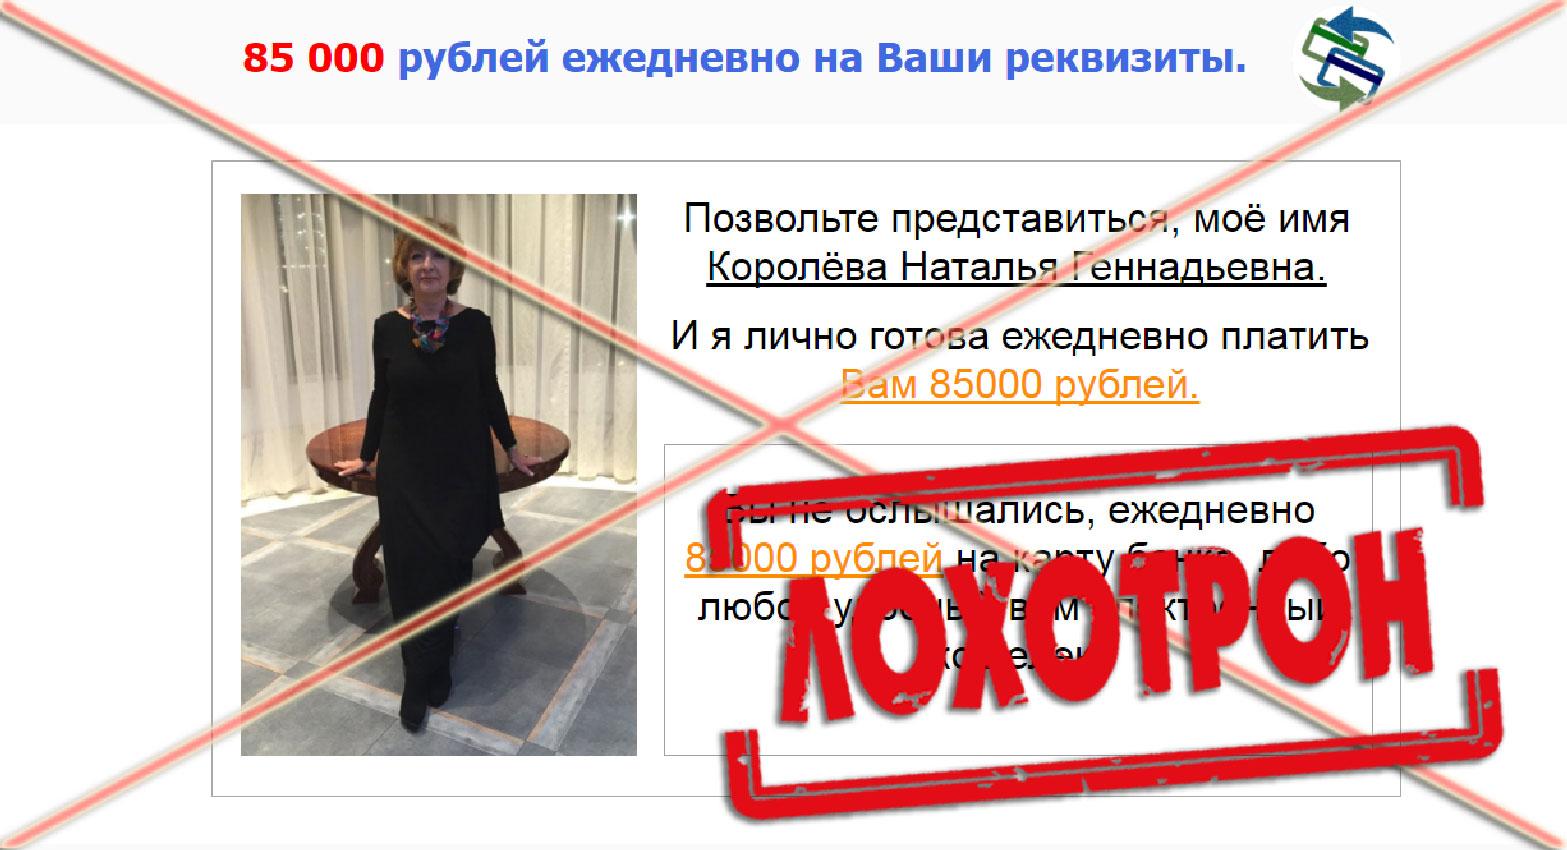 [Лохотрон] Королева Наталья Геннадиевна 85 000 рублей ежедневно, отзывы